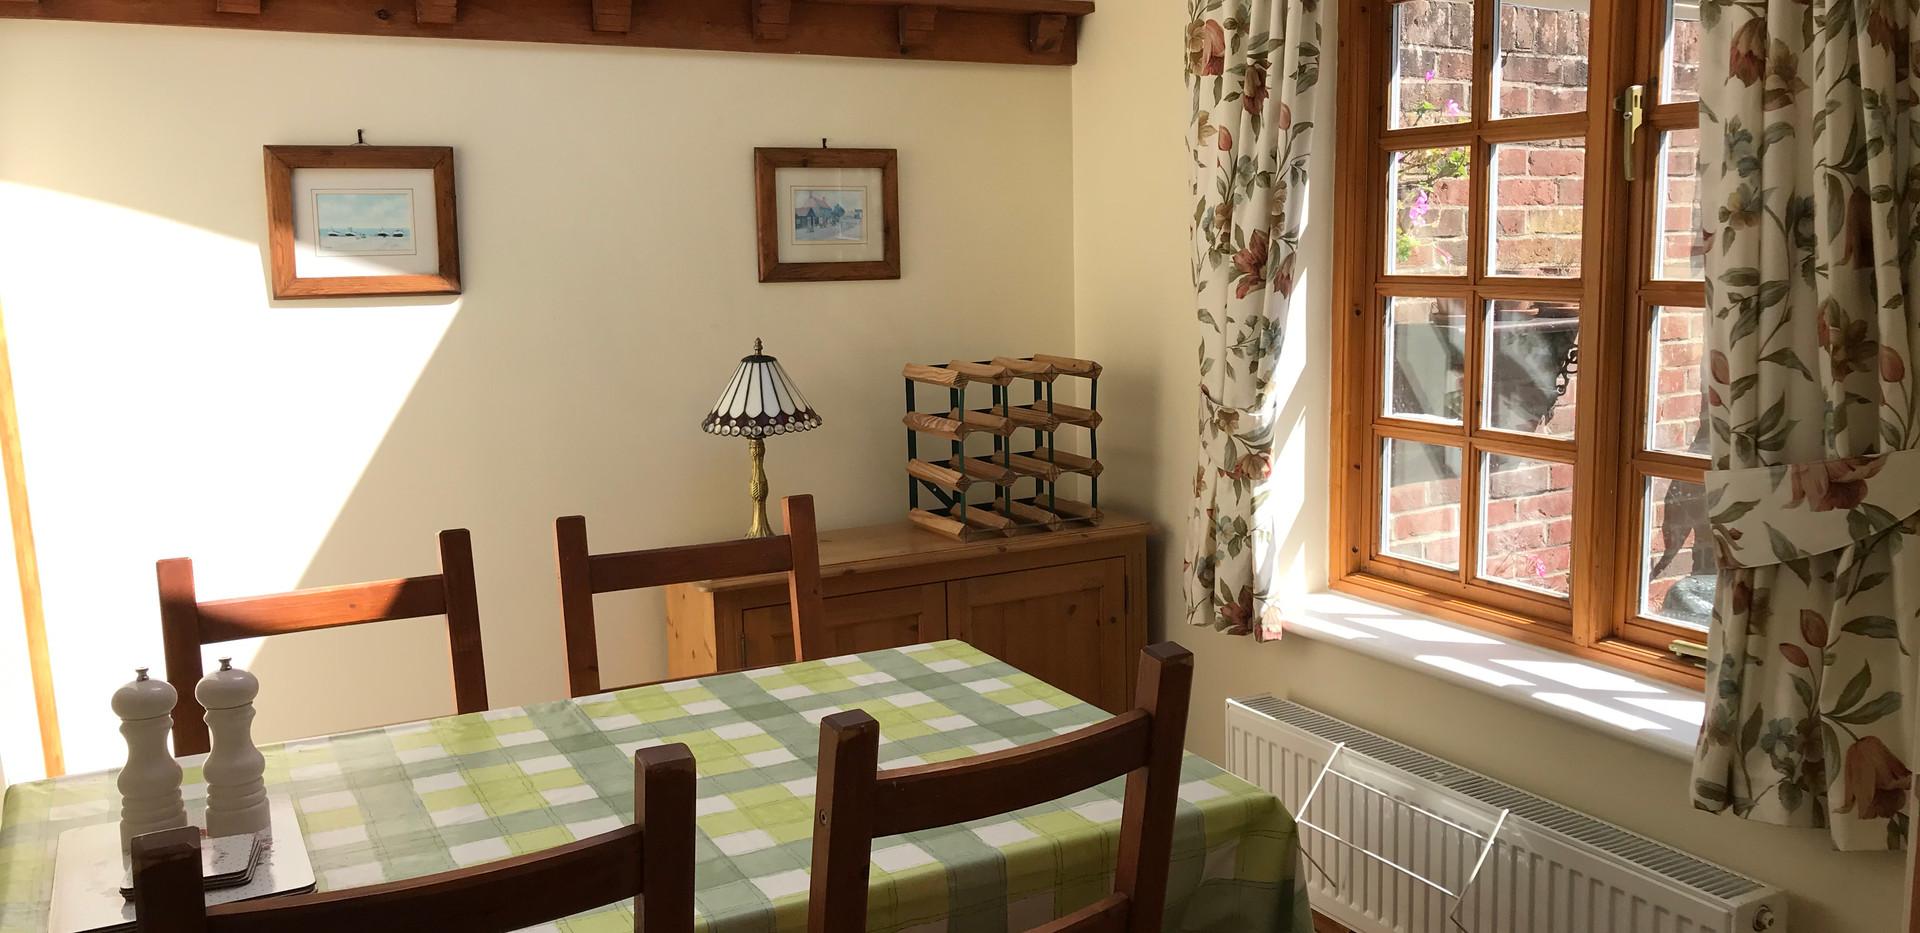 Flint Cottage Dining Room